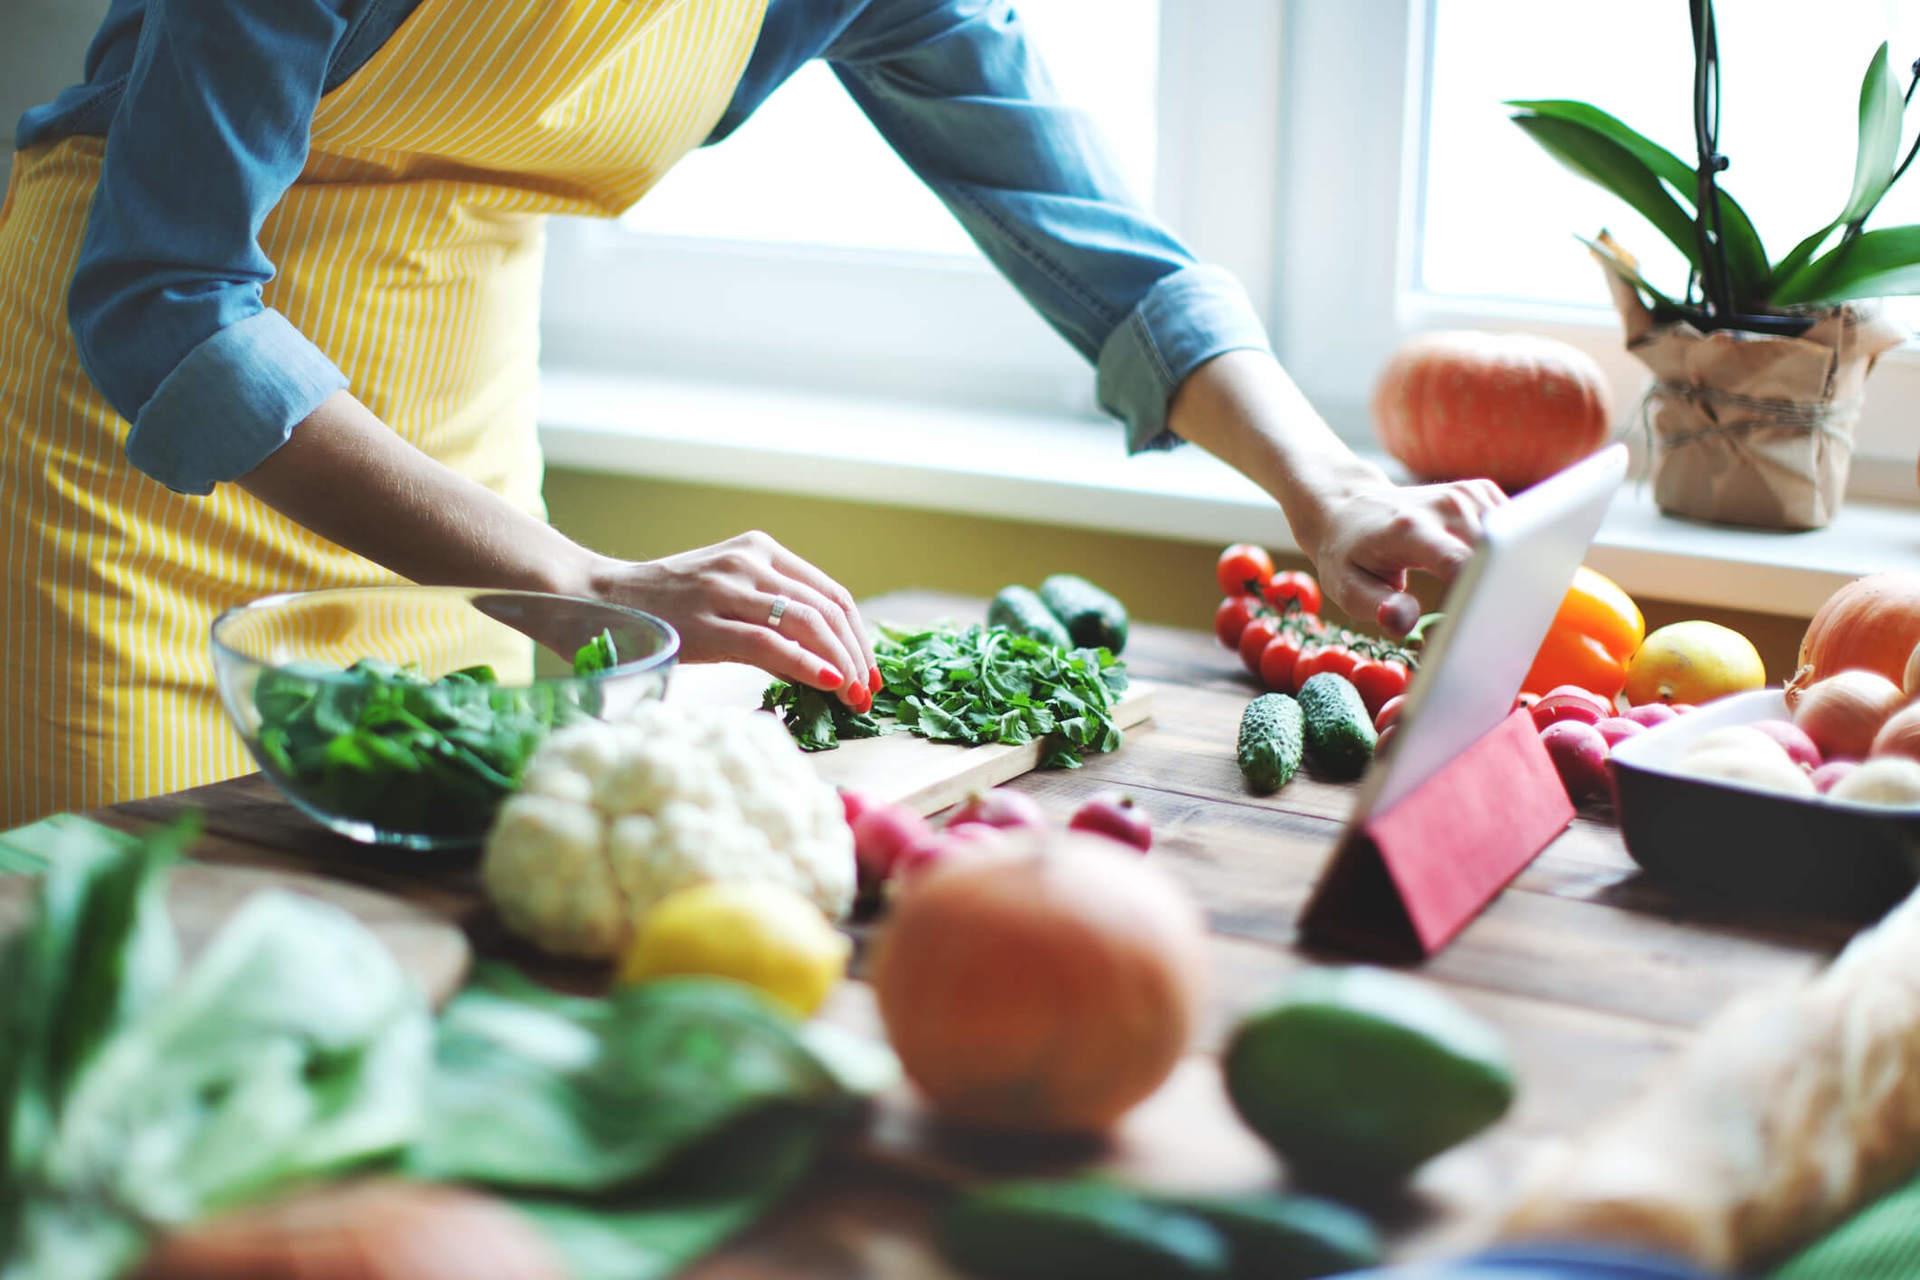 Saladas  alimentação saudável o ano todo   Jasmine Alimentos 309dff5bb8